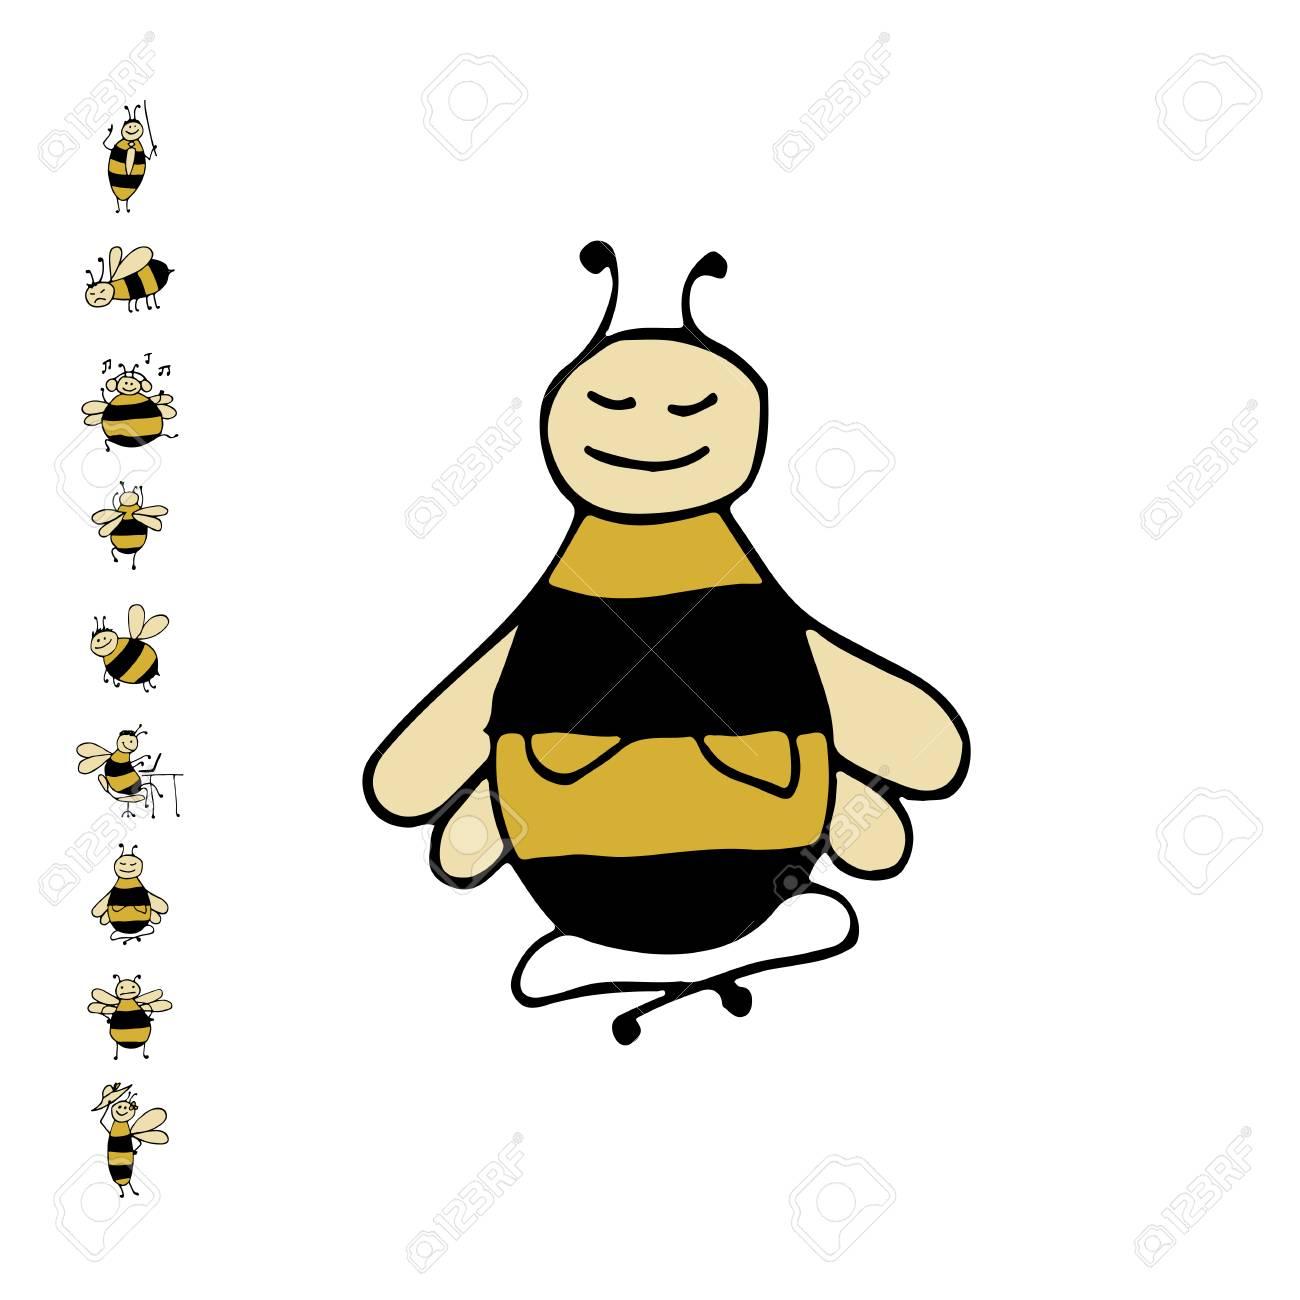 Lustige Biene Yoga Skizze Fur Ihr Design Lizenzfrei Nutzbare